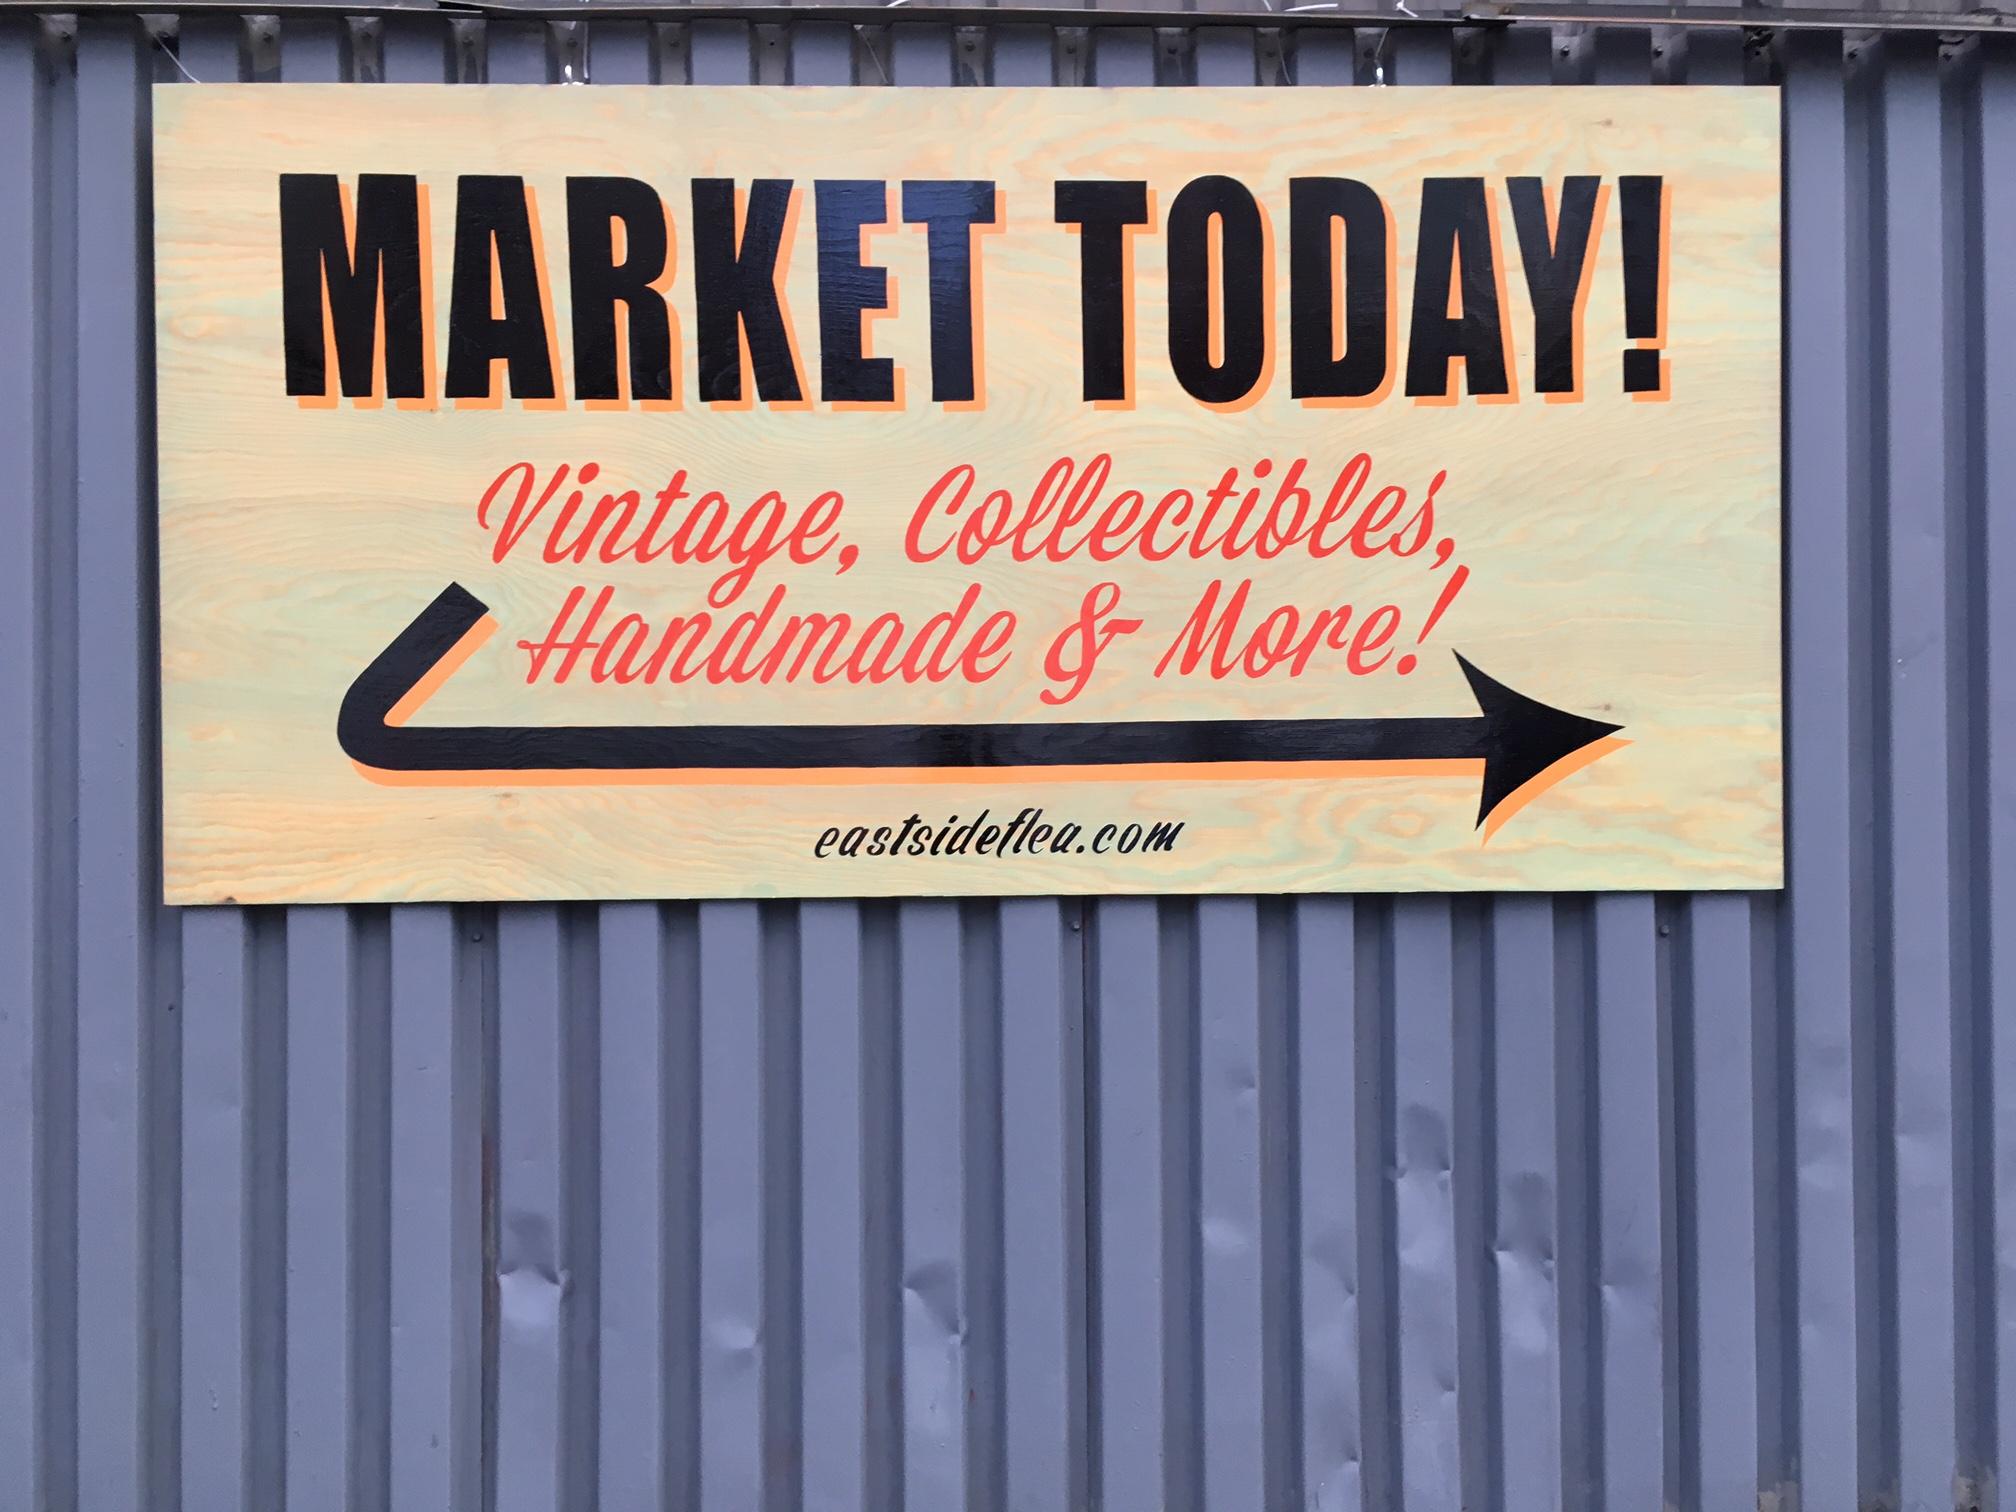 Eastside flea market sign - NOT FOR SALE